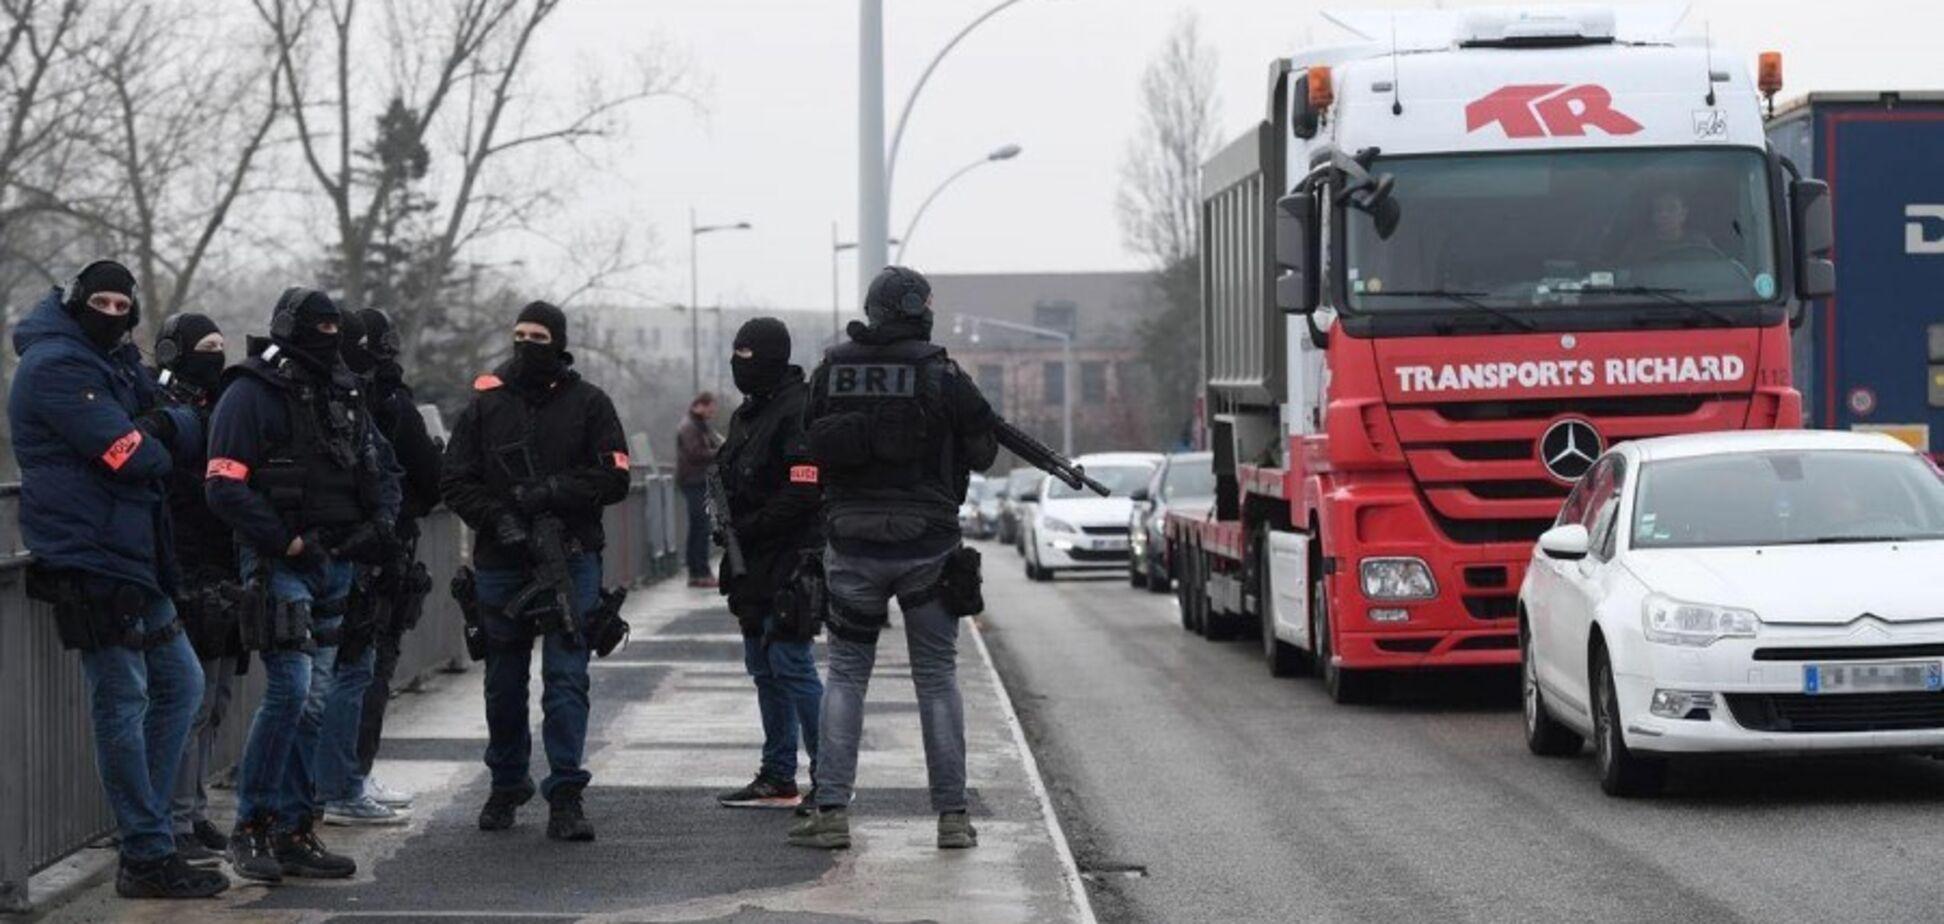 Теракт в Страсбурге: Кремль уже снимает сливки